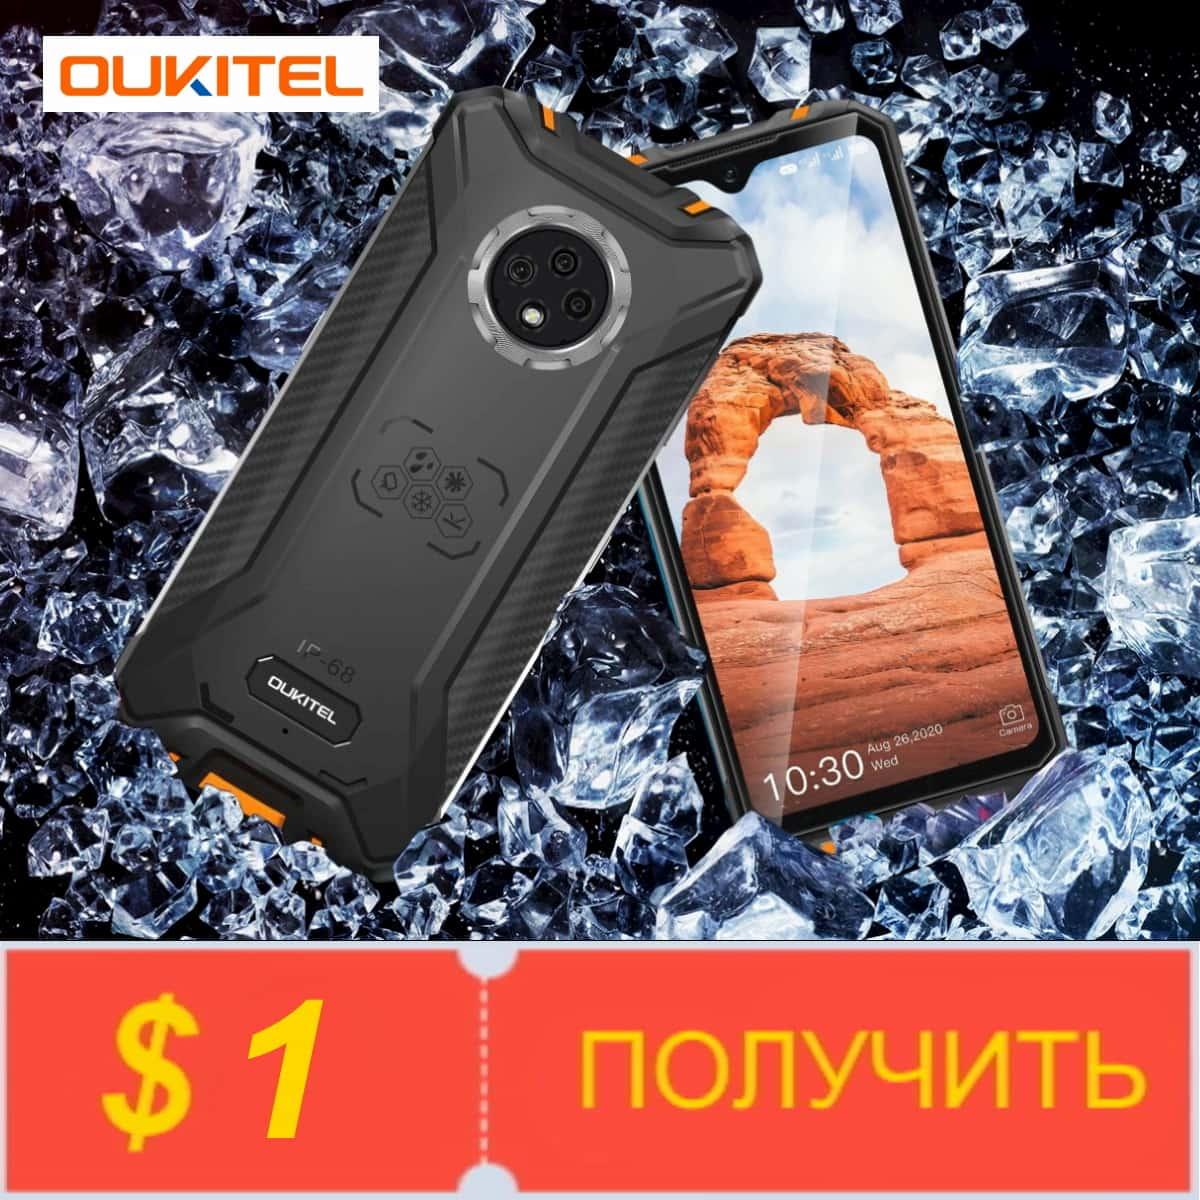 Получите купоны от OUKITEL Official Store на Алиэкспресс